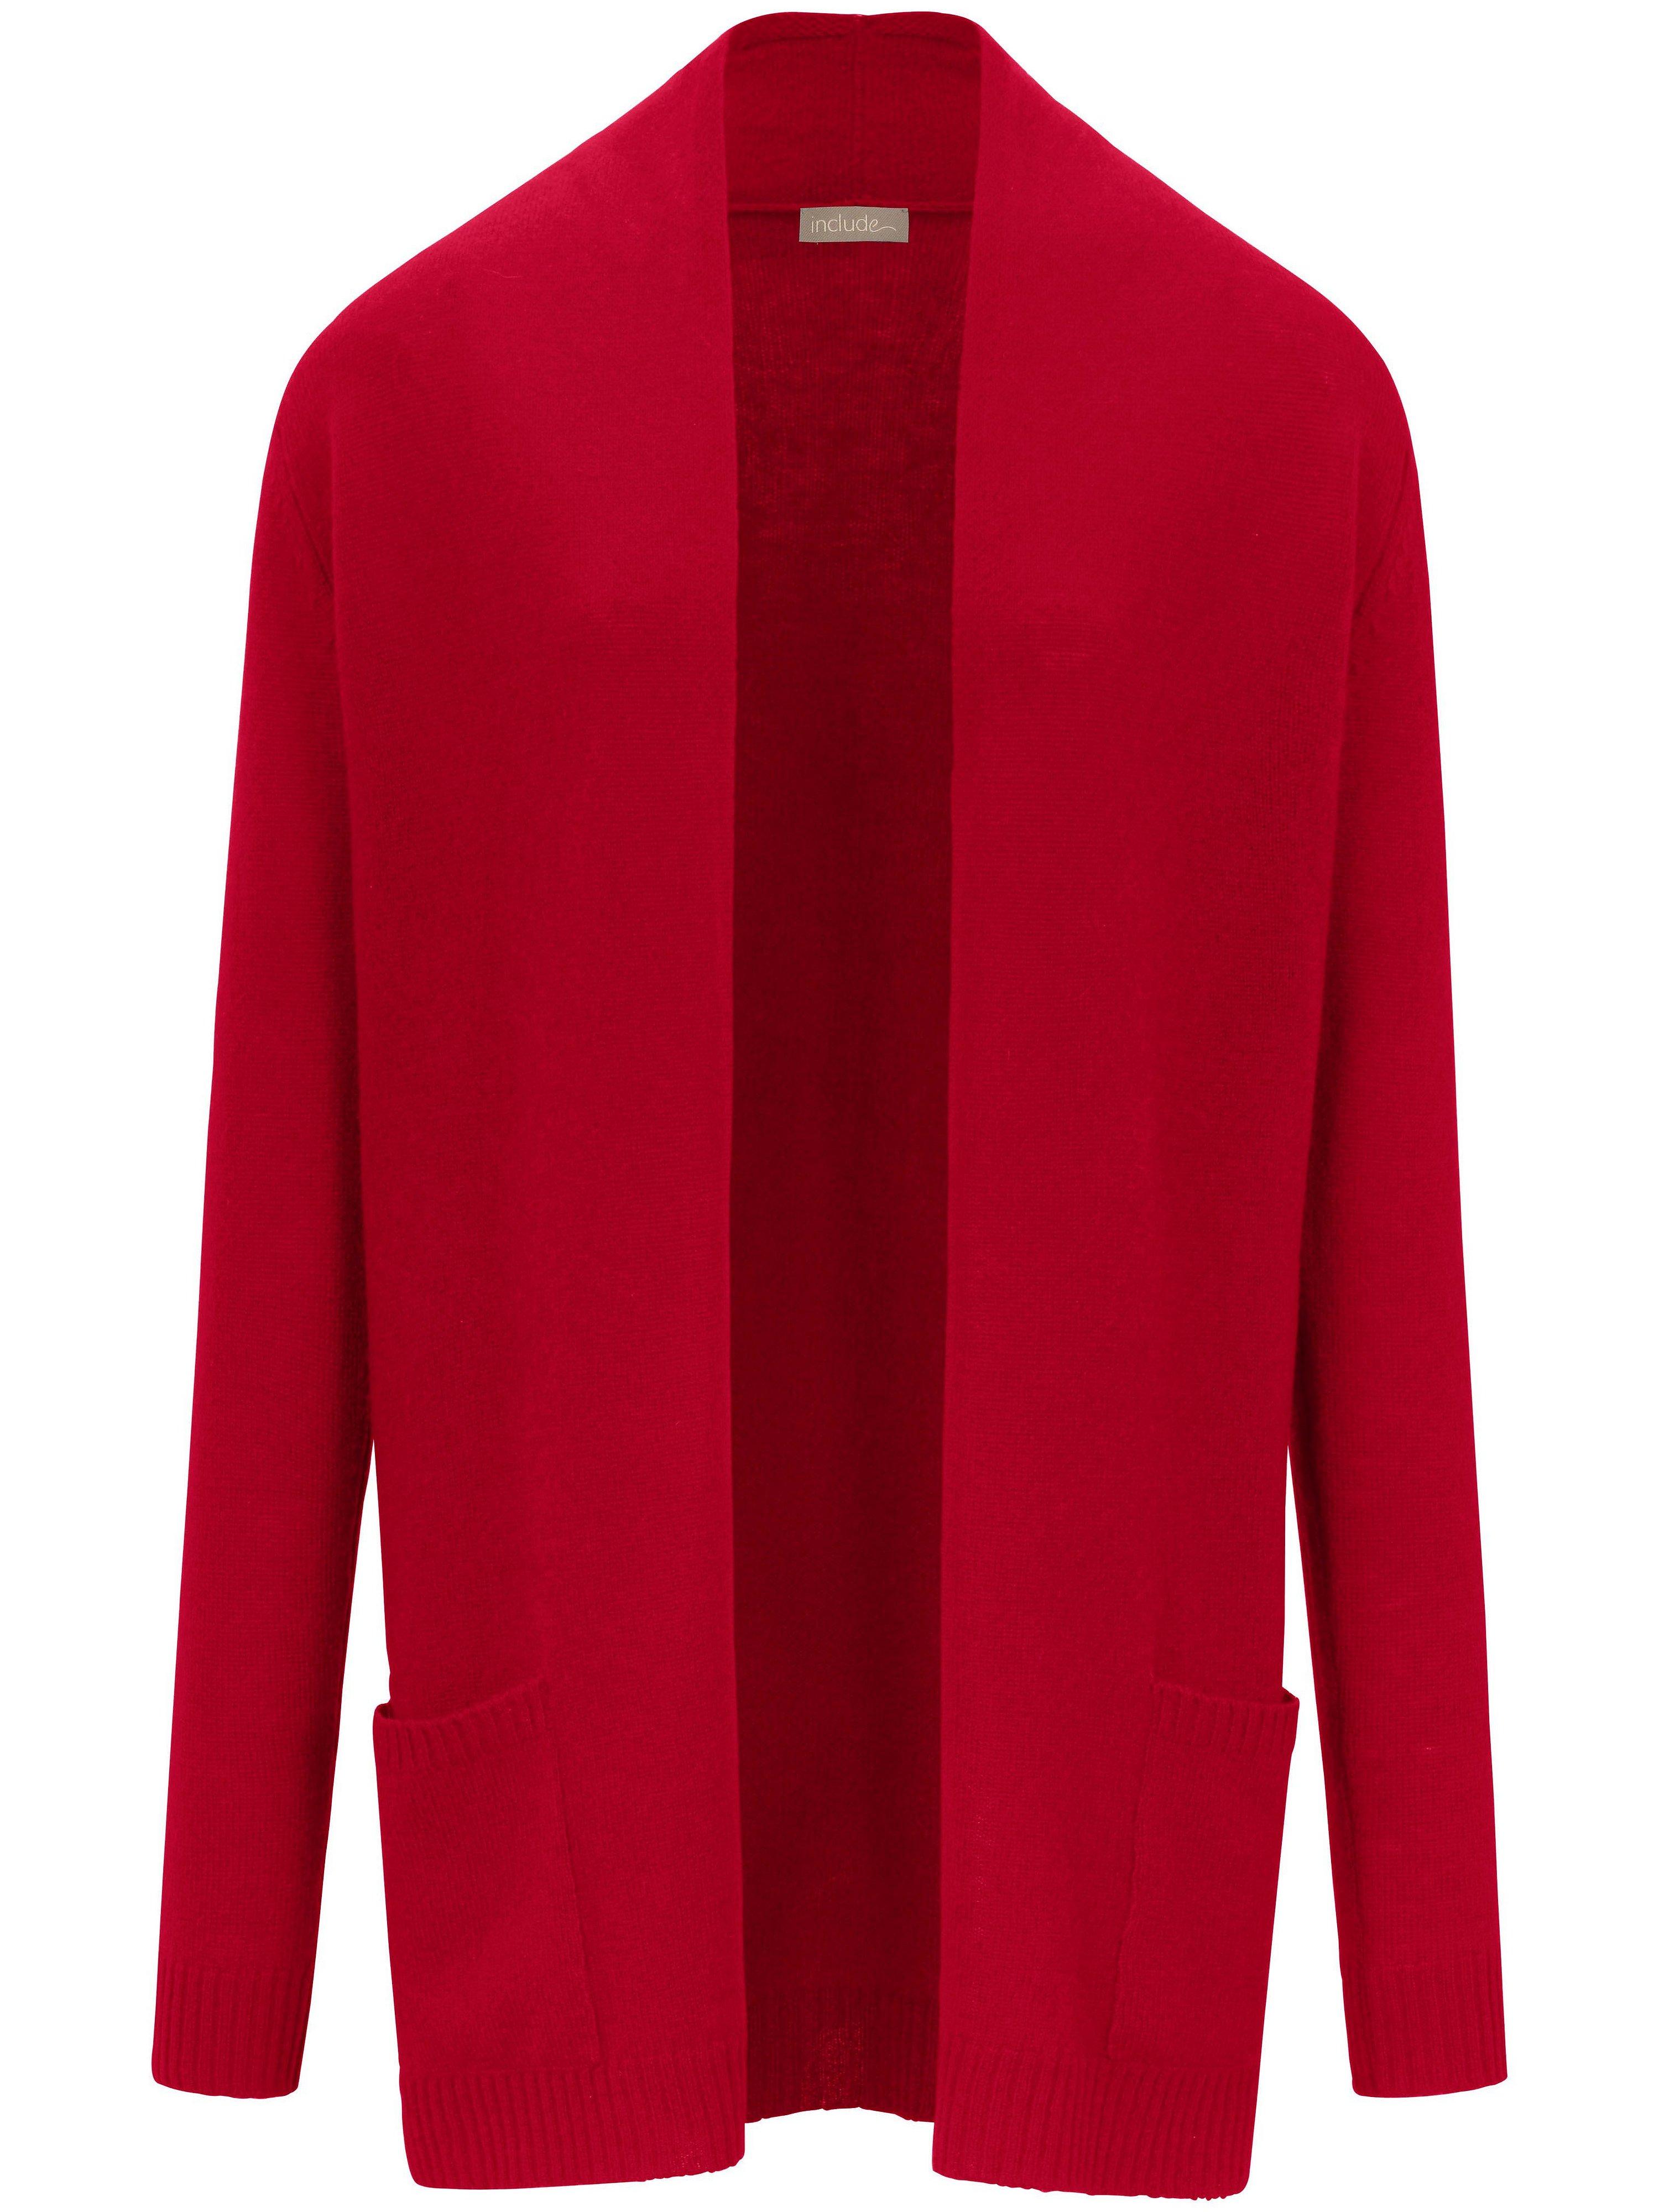 Damen Strickjacken online günstig kaufen über shop24.at | shop24